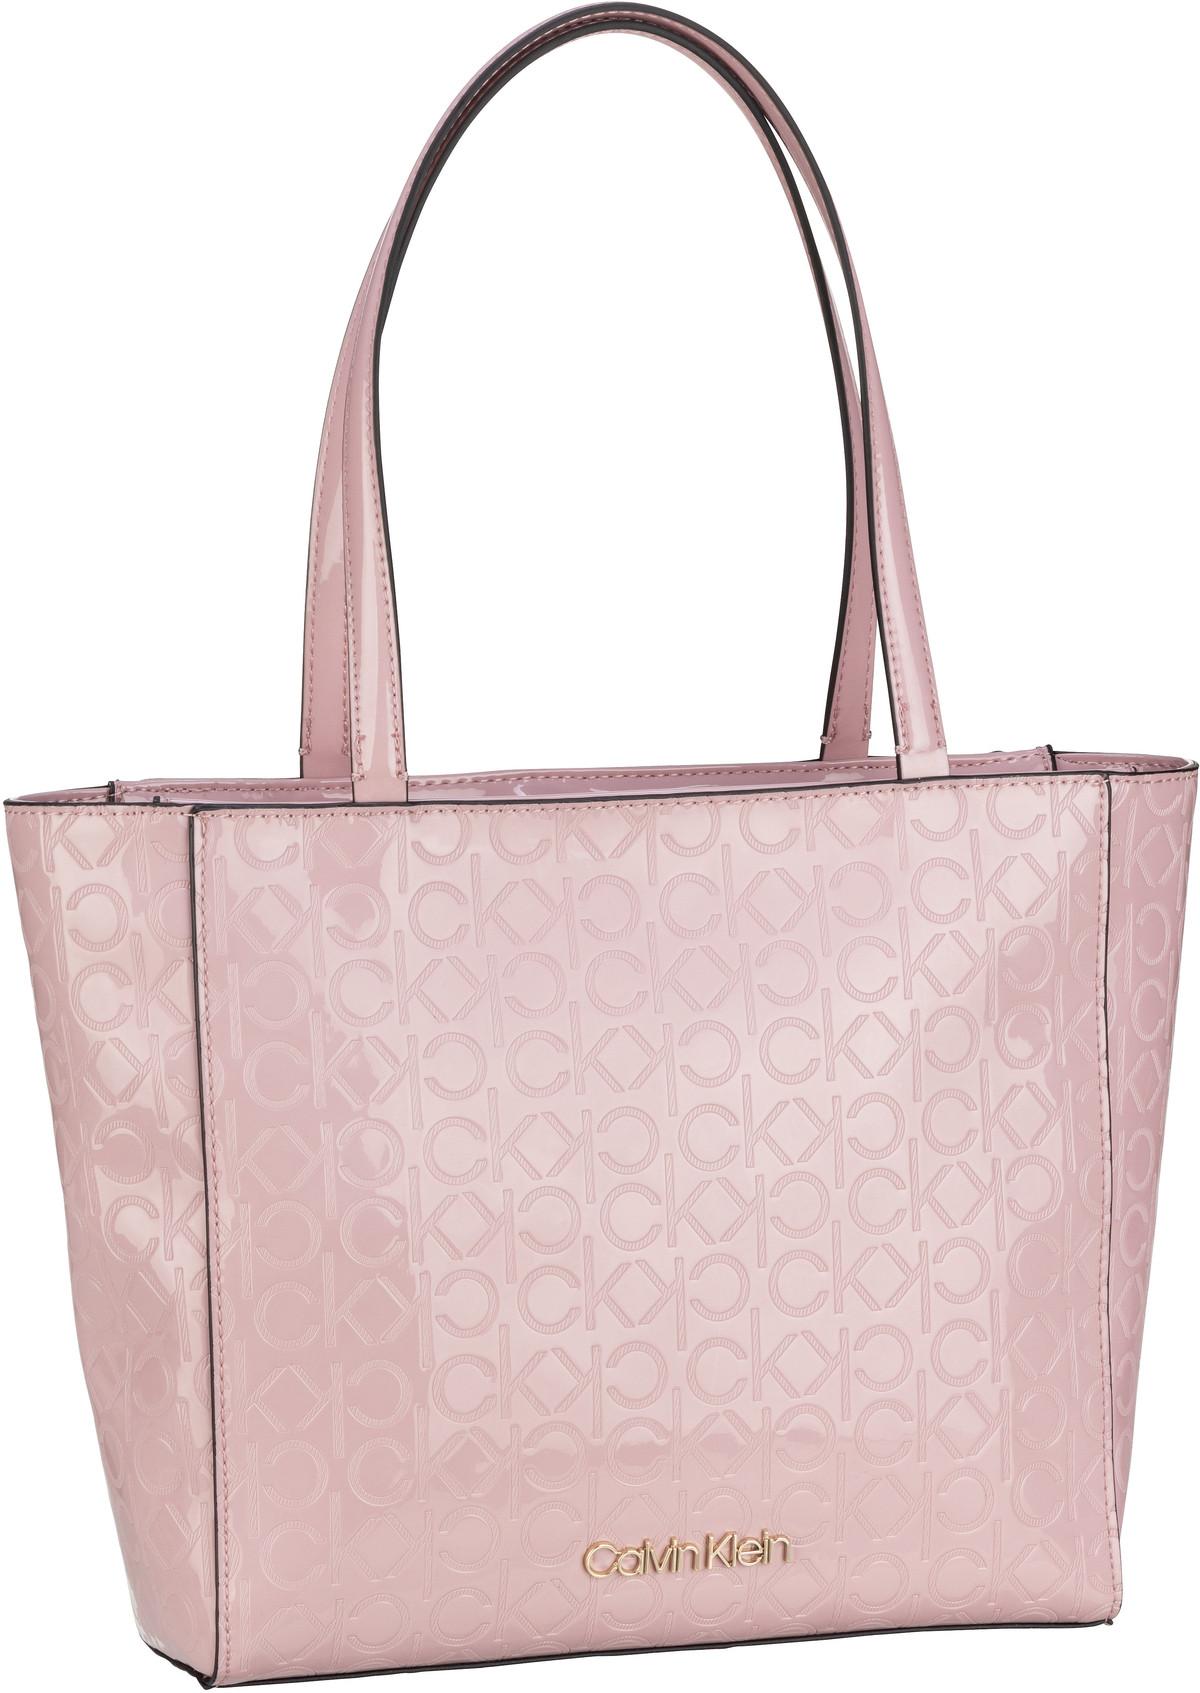 Handtasche CK Must EM Shopper SM PF20 Silver Pink